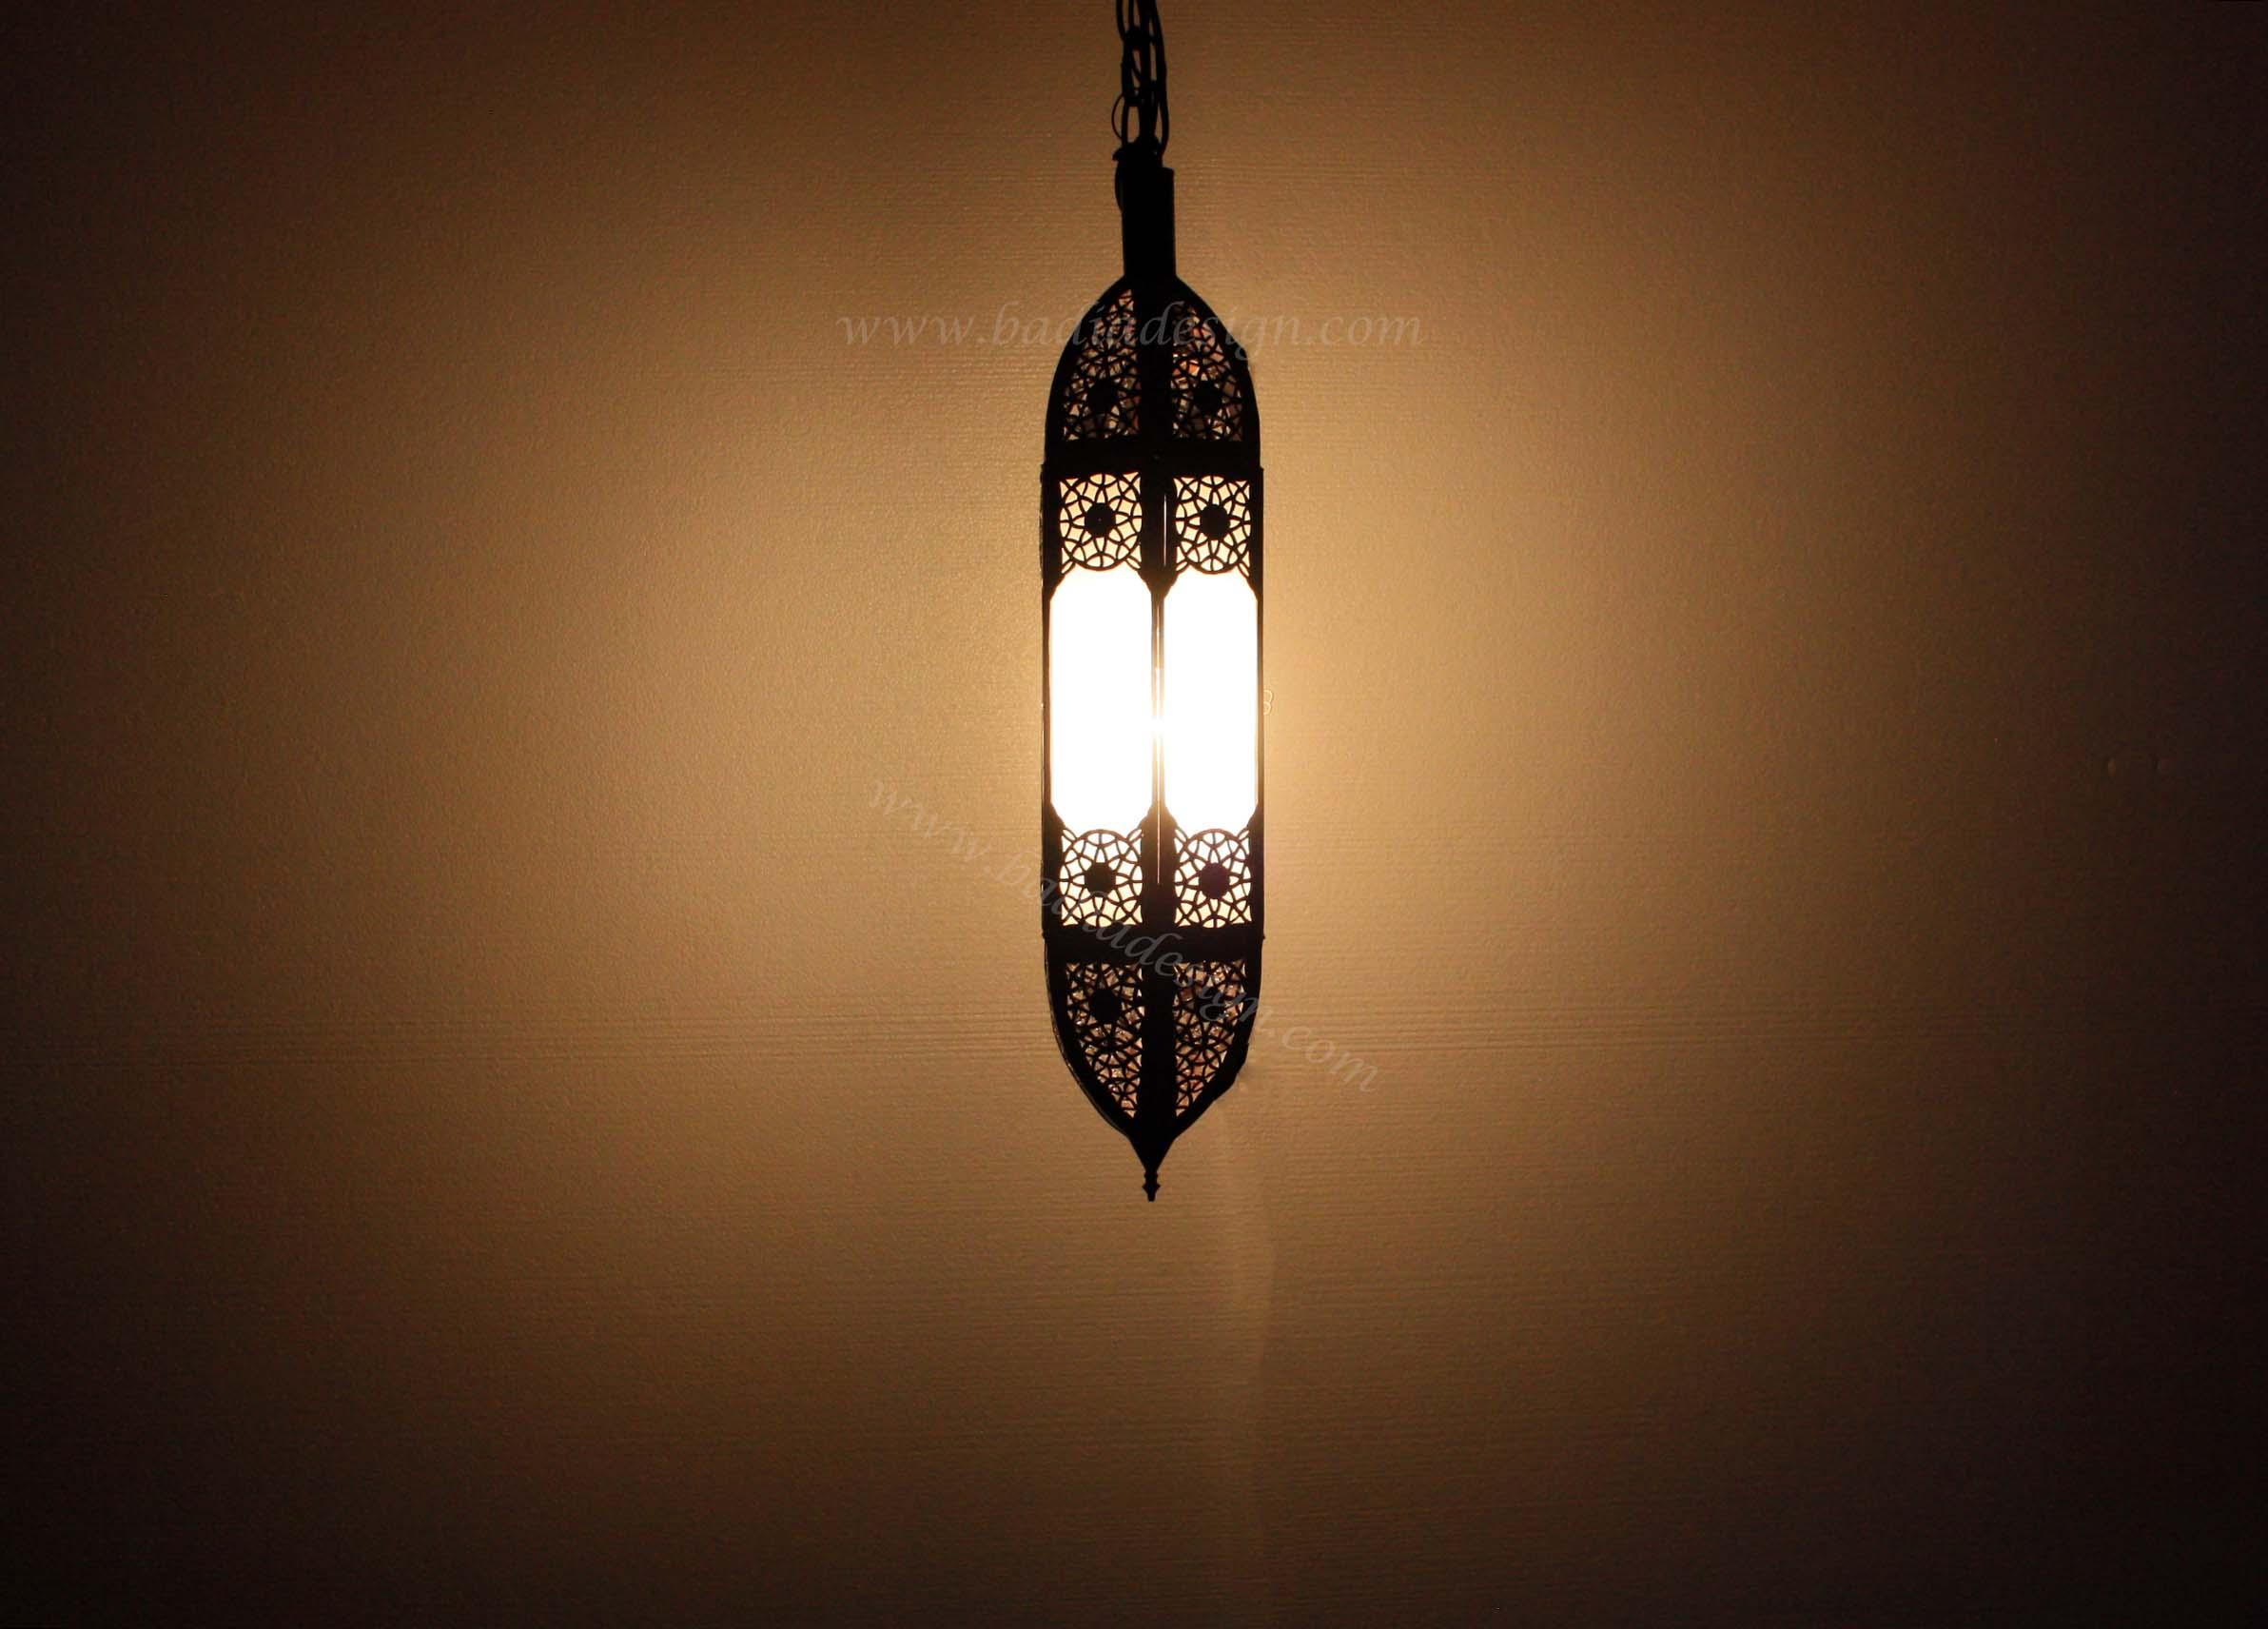 moroccan-lighting-new-york-lig177-1.jpg